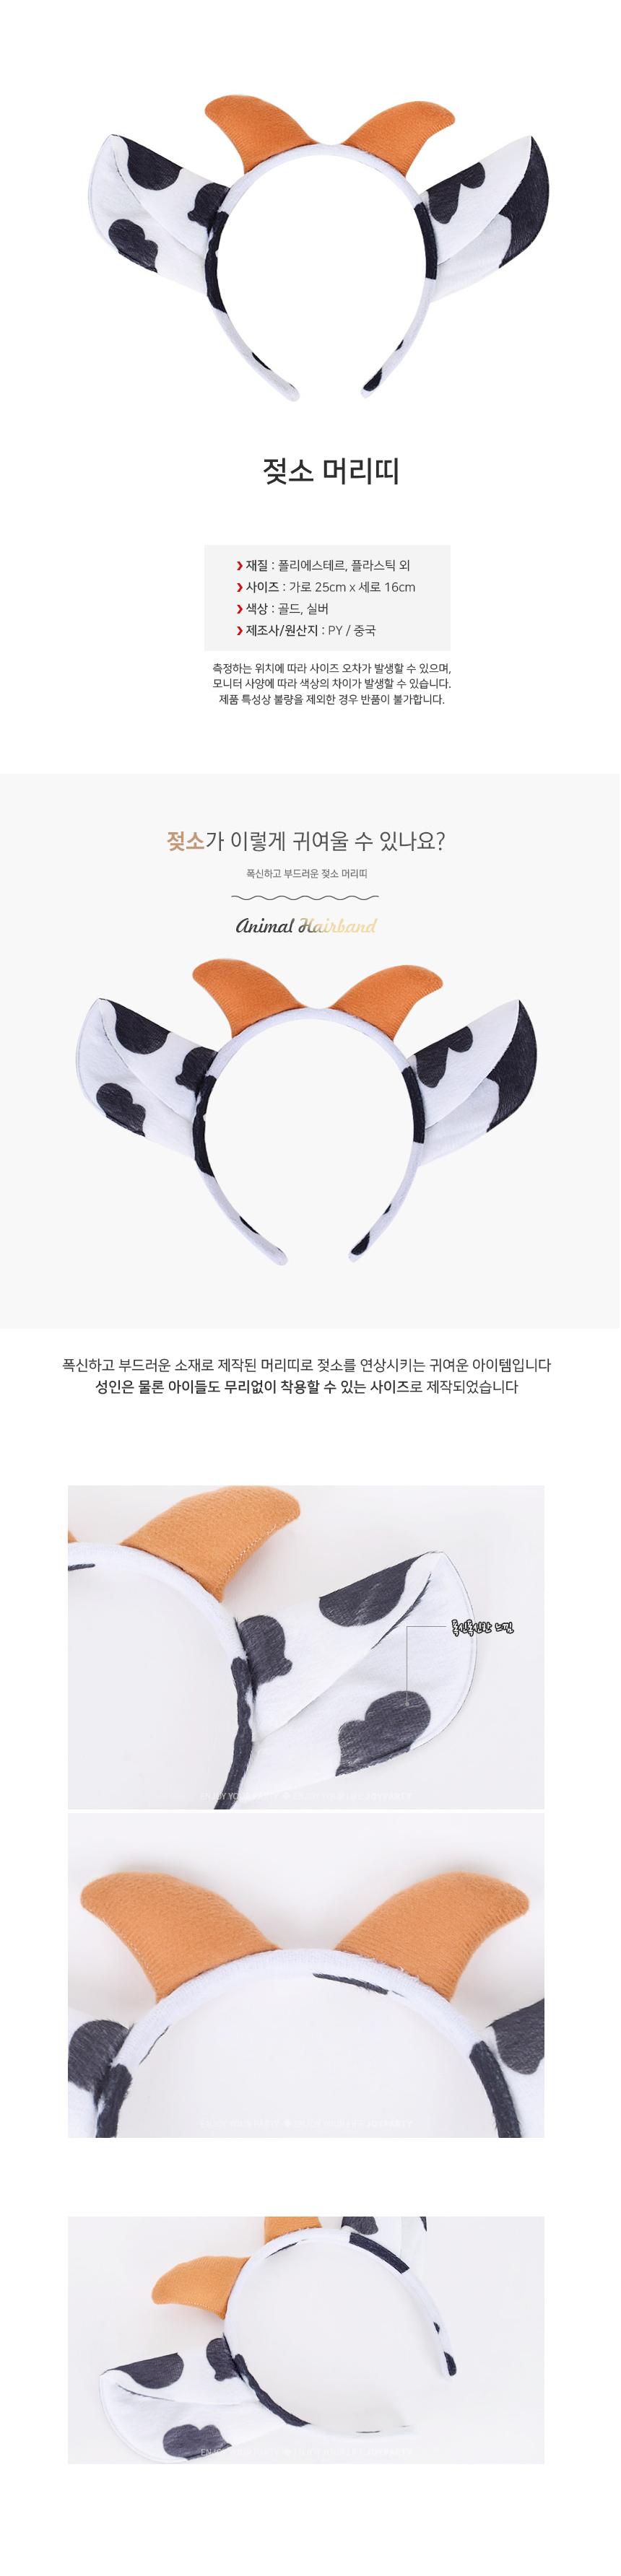 젖소 머리띠 - 파티마트, 3,000원, 파티의상/잡화, 머리띠/머리장식/가발